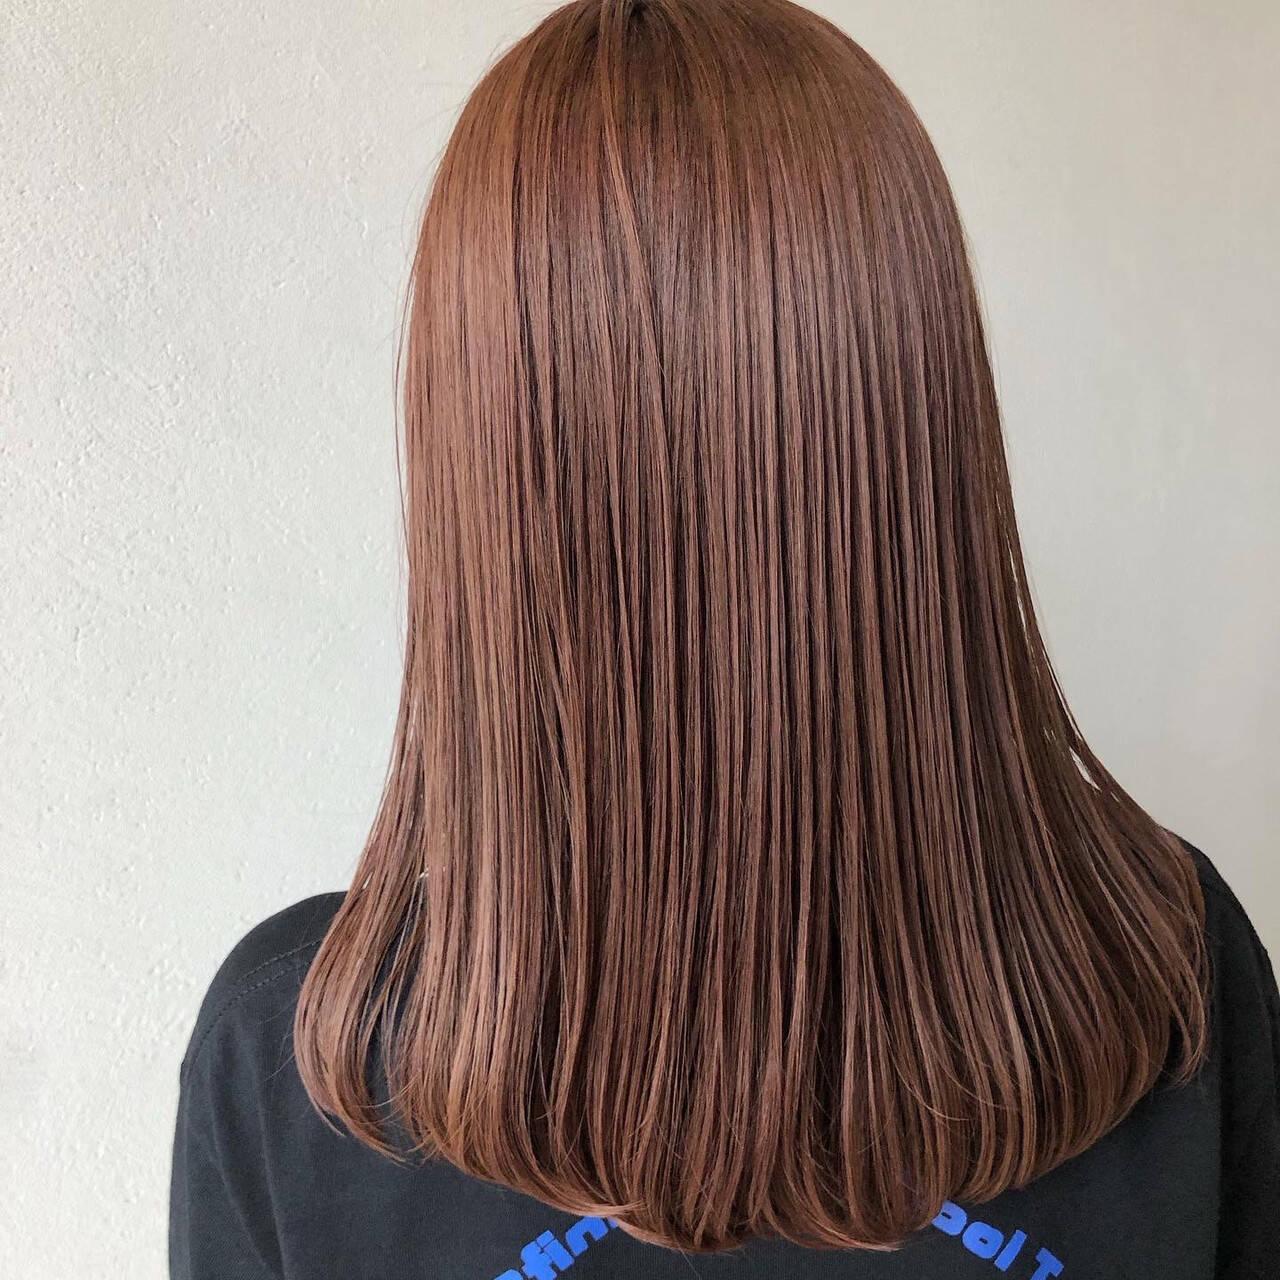 セミロング ピンク フェミニン ピンクラベンダーヘアスタイルや髪型の写真・画像